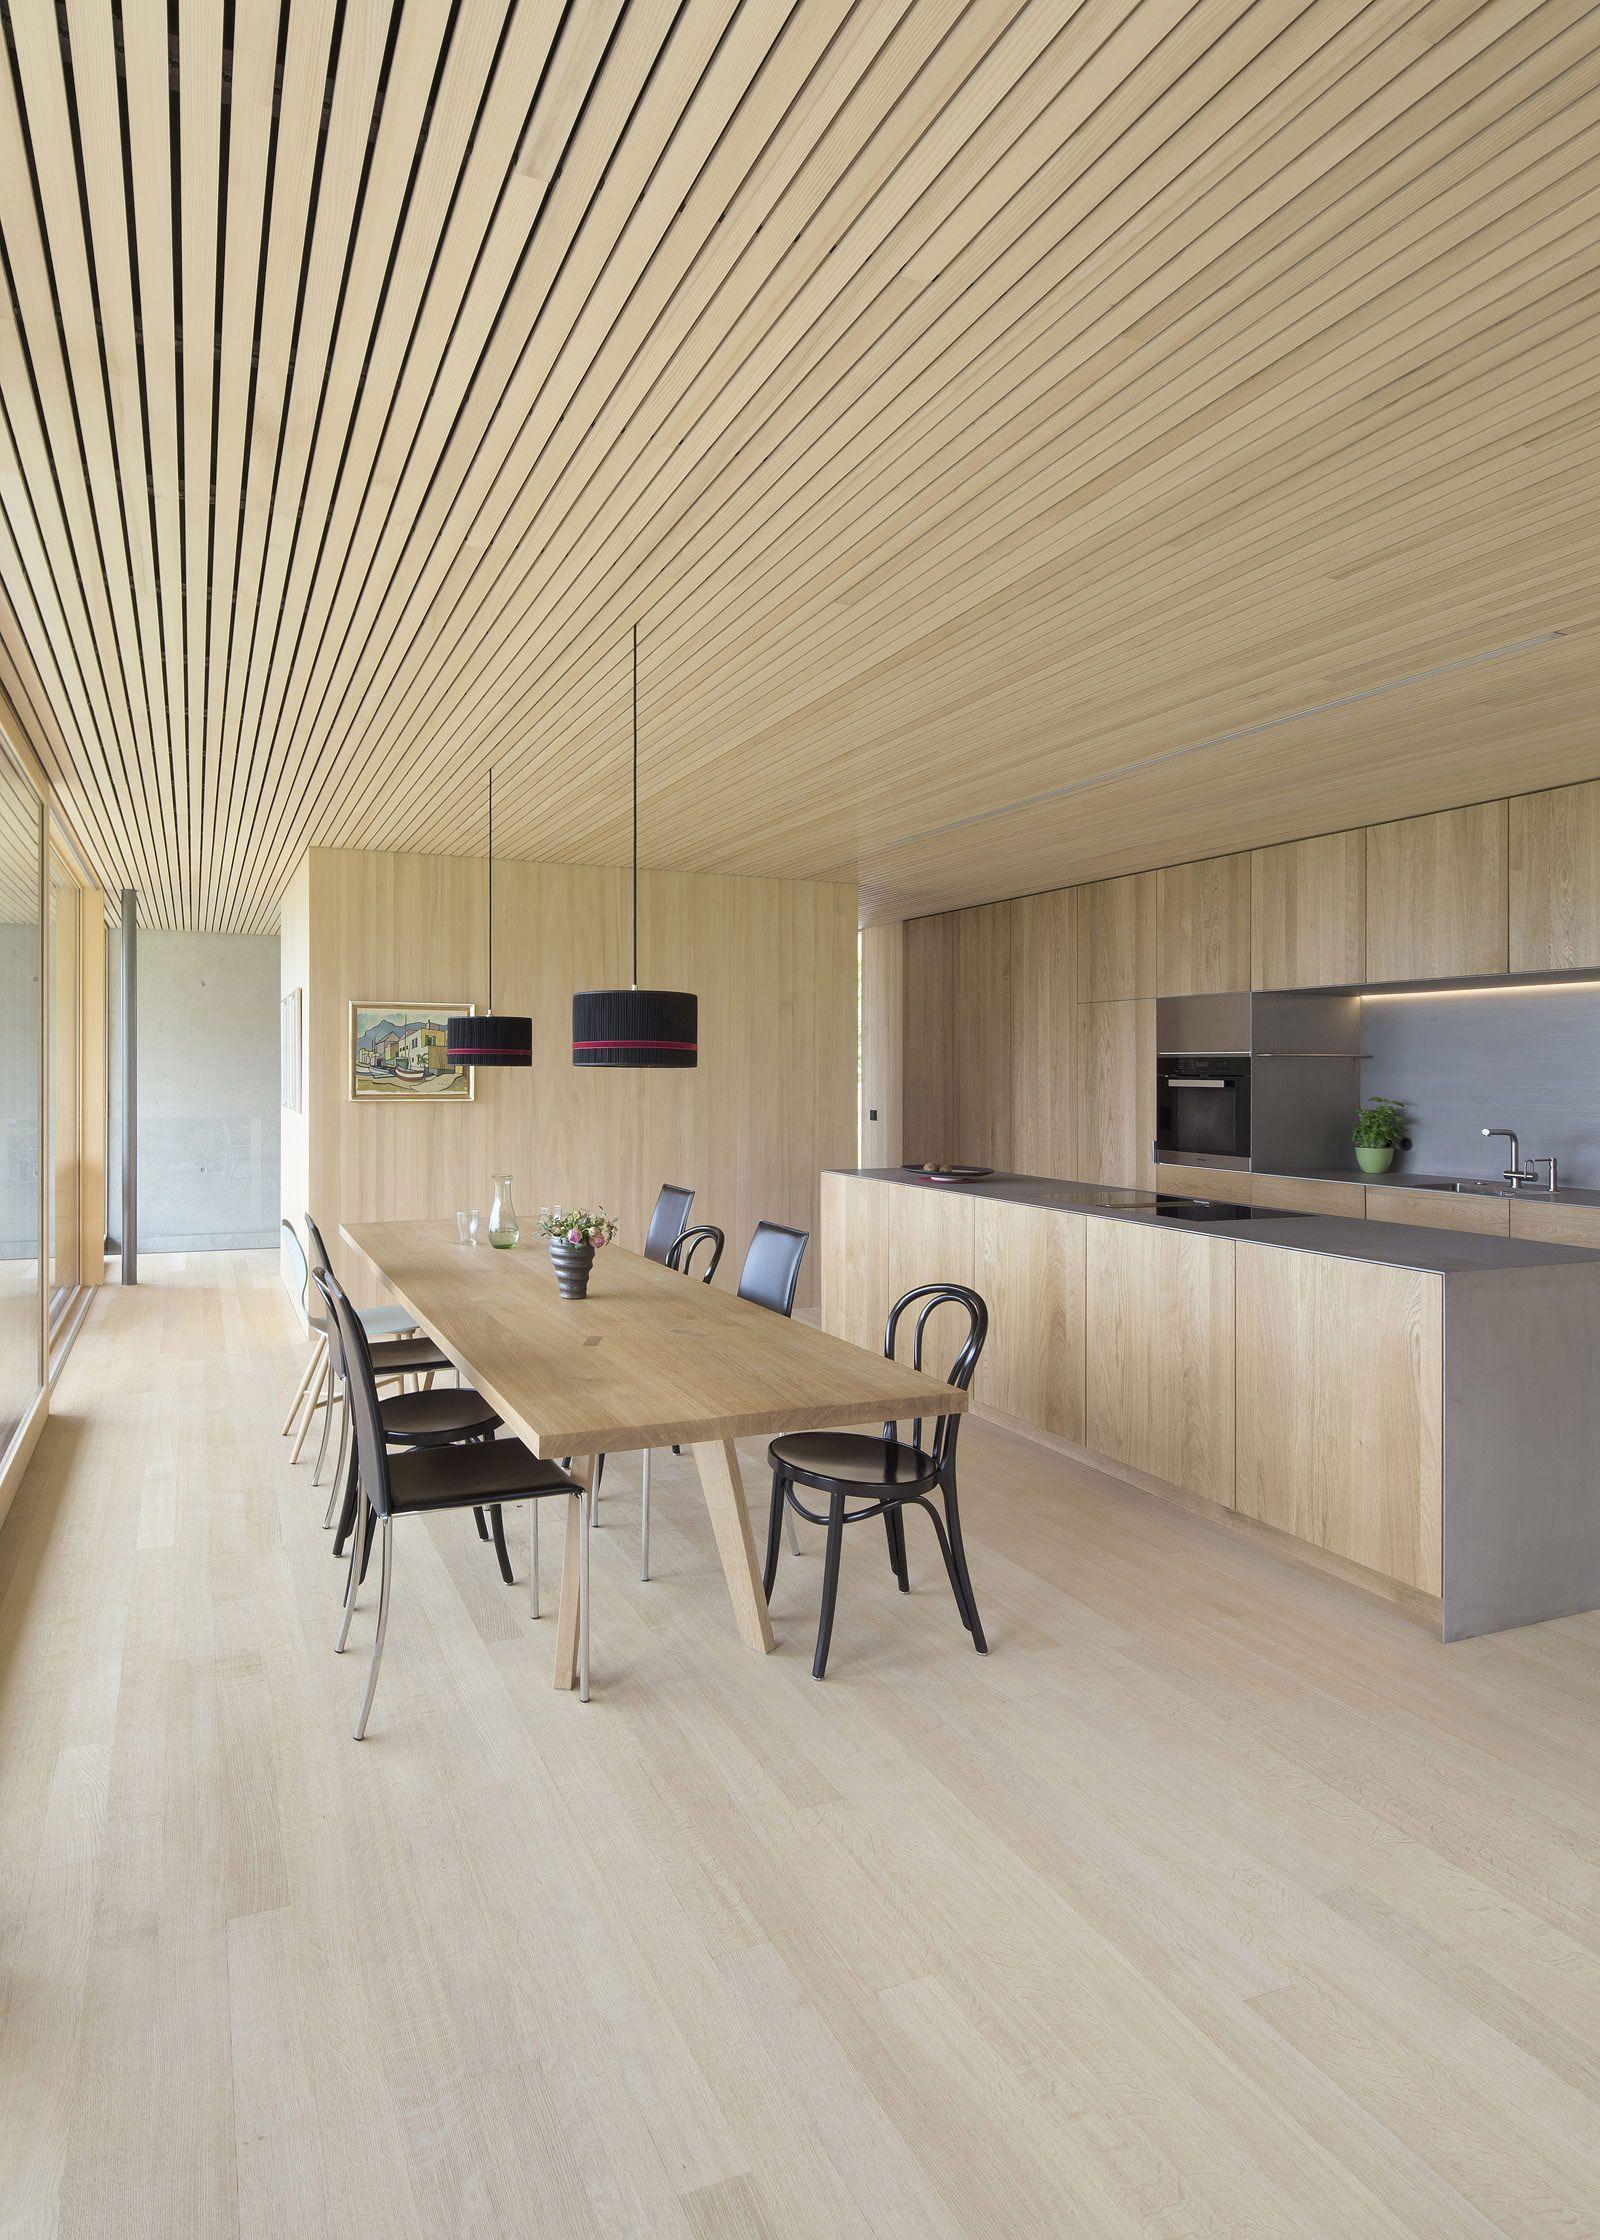 Structure Restrained | Pinterest | Designs, Küche und Inneneinrichtung